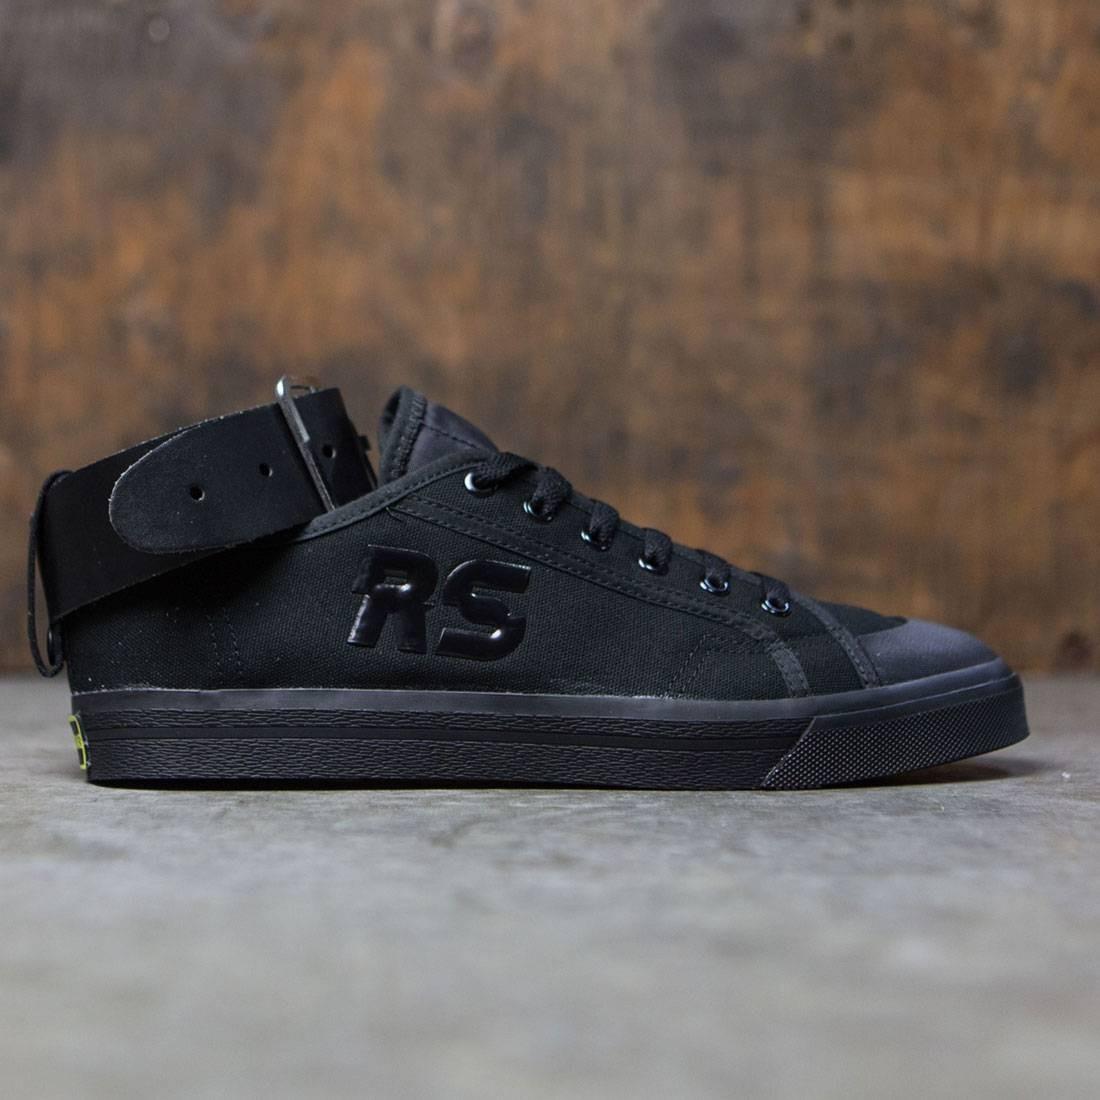 【海外限定】アディダス バックル コア 黒 ブラック 靴 メンズ靴 【 ADIDAS BLACK X RAF SIMONS MEN SPIRIT BUCKLE CORE BRIGHT YELLOW 】